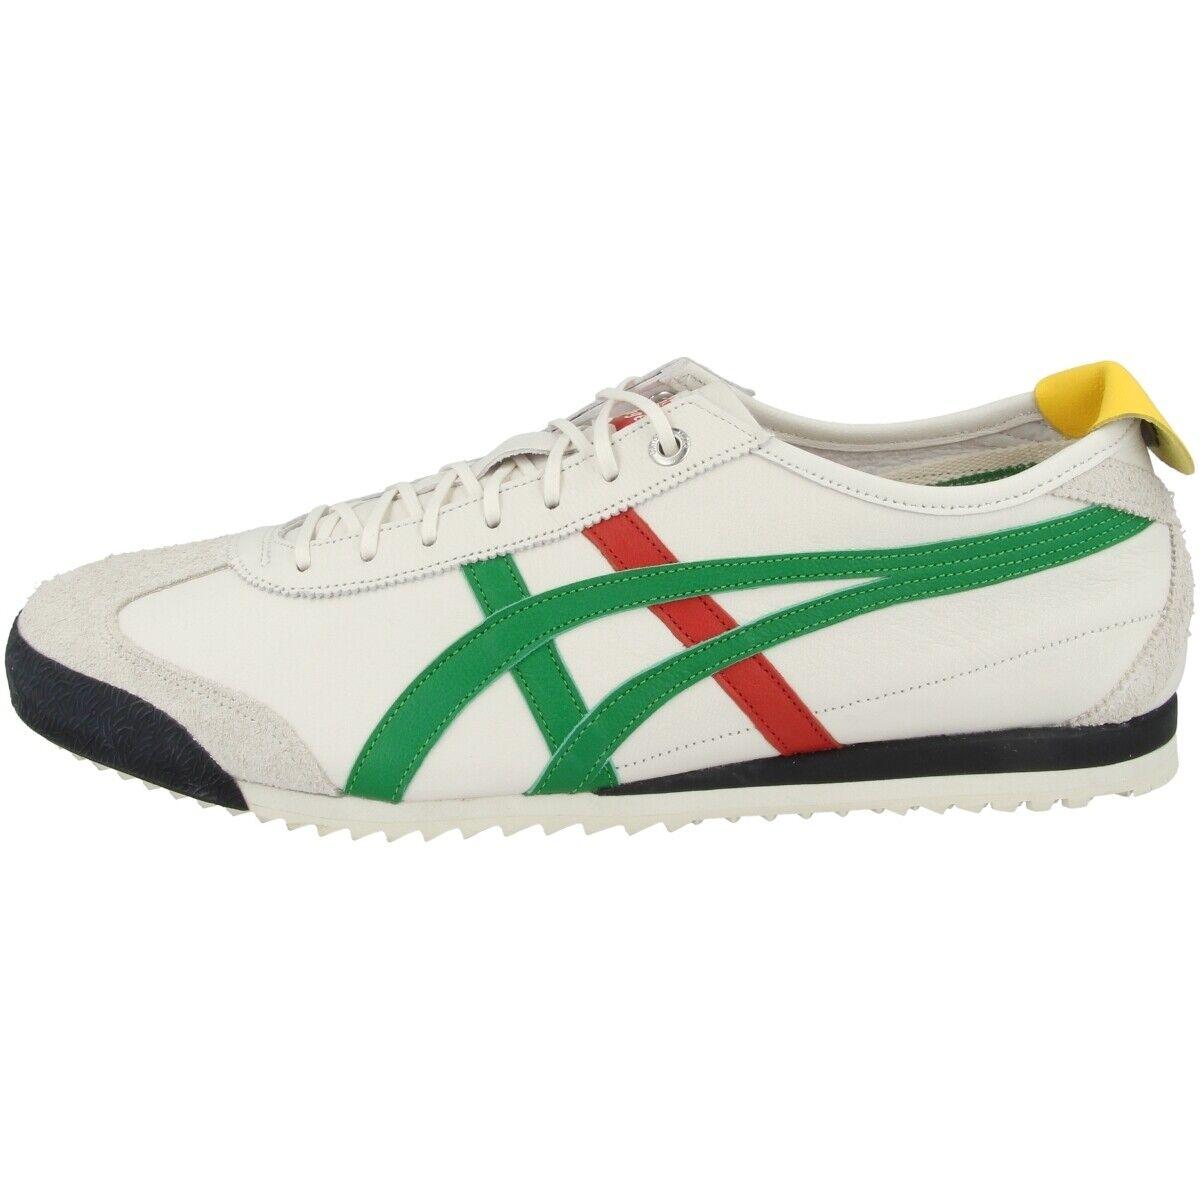 Asics oninssuka  Tiger mexico 66 sd scarpe retroformaters crema  alta qualità e spedizione veloce